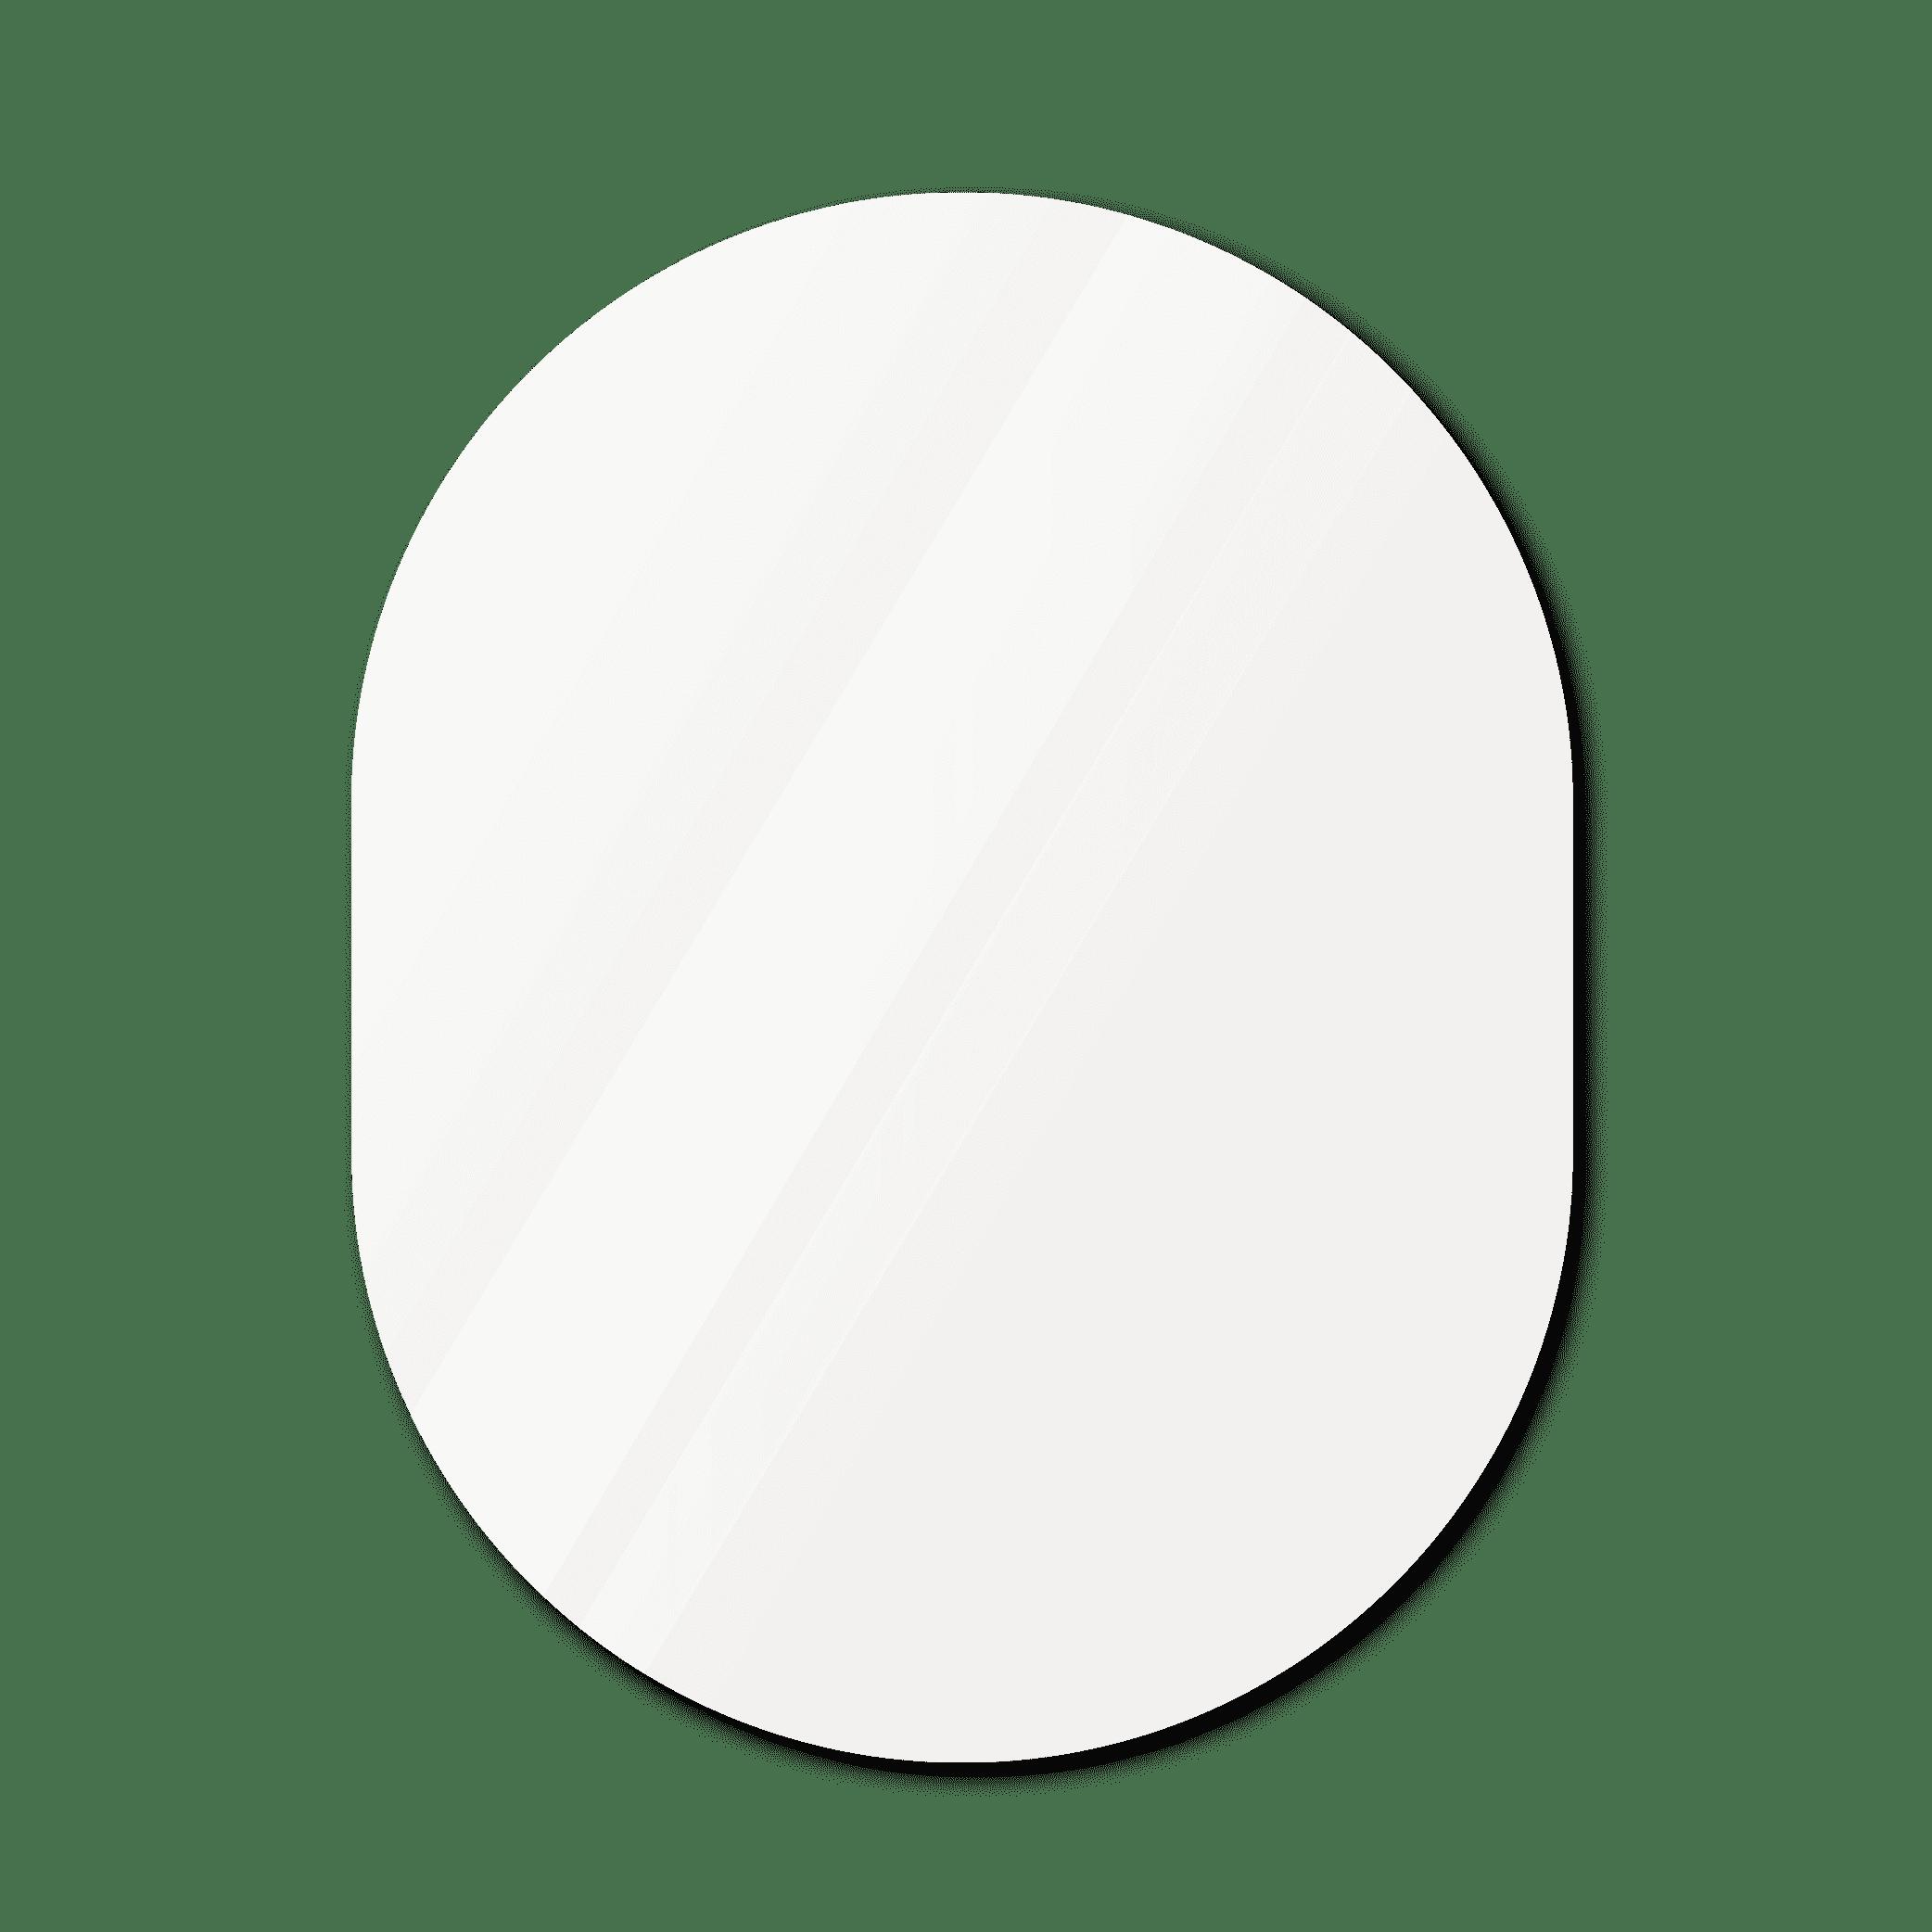 Фигурное зеркало 1600×1200 мм осветленное с еврокромкой и креплением на клей